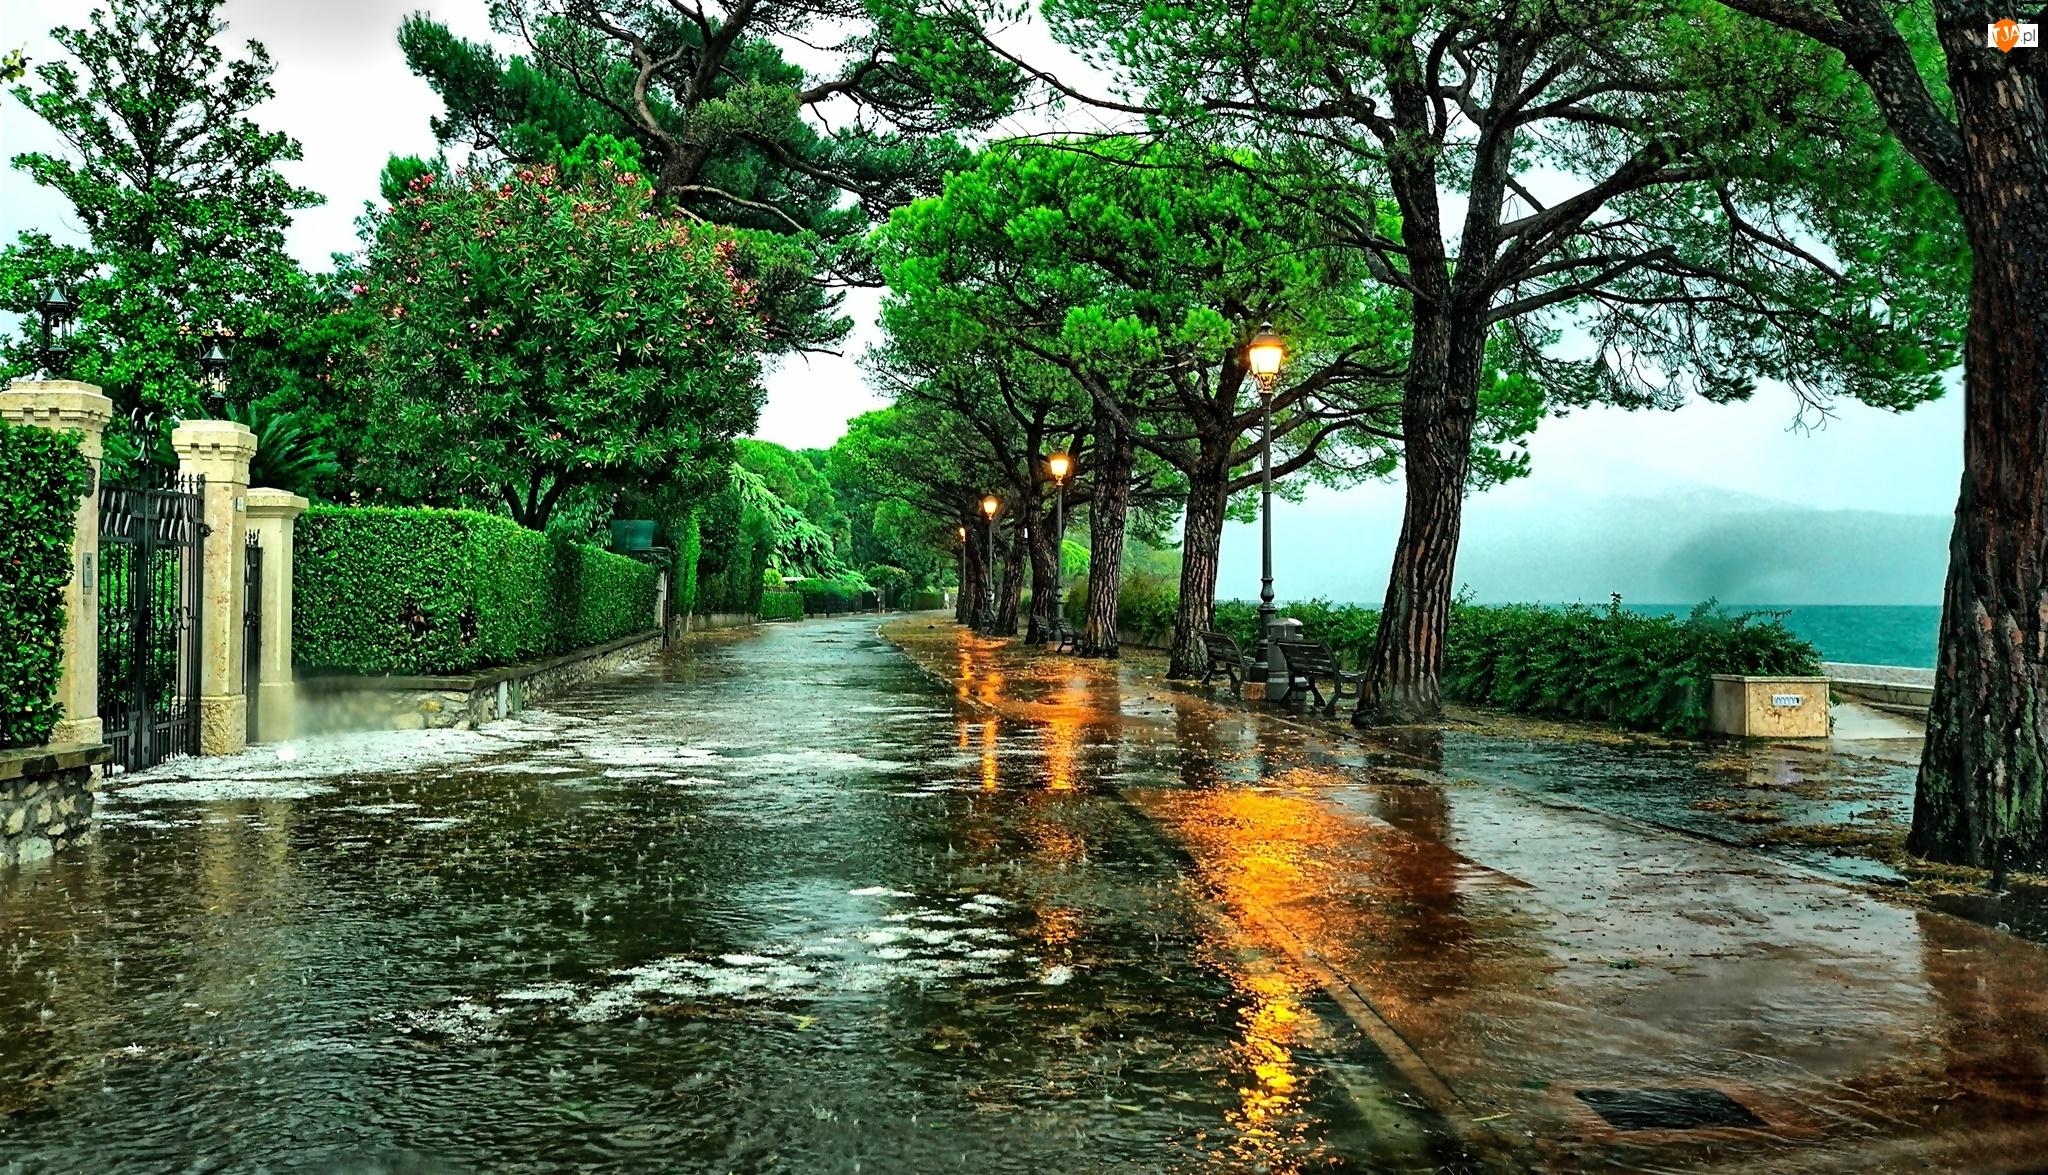 Deszcz, Włochy, Ulica, Toscolano-Moderno, Drzewo